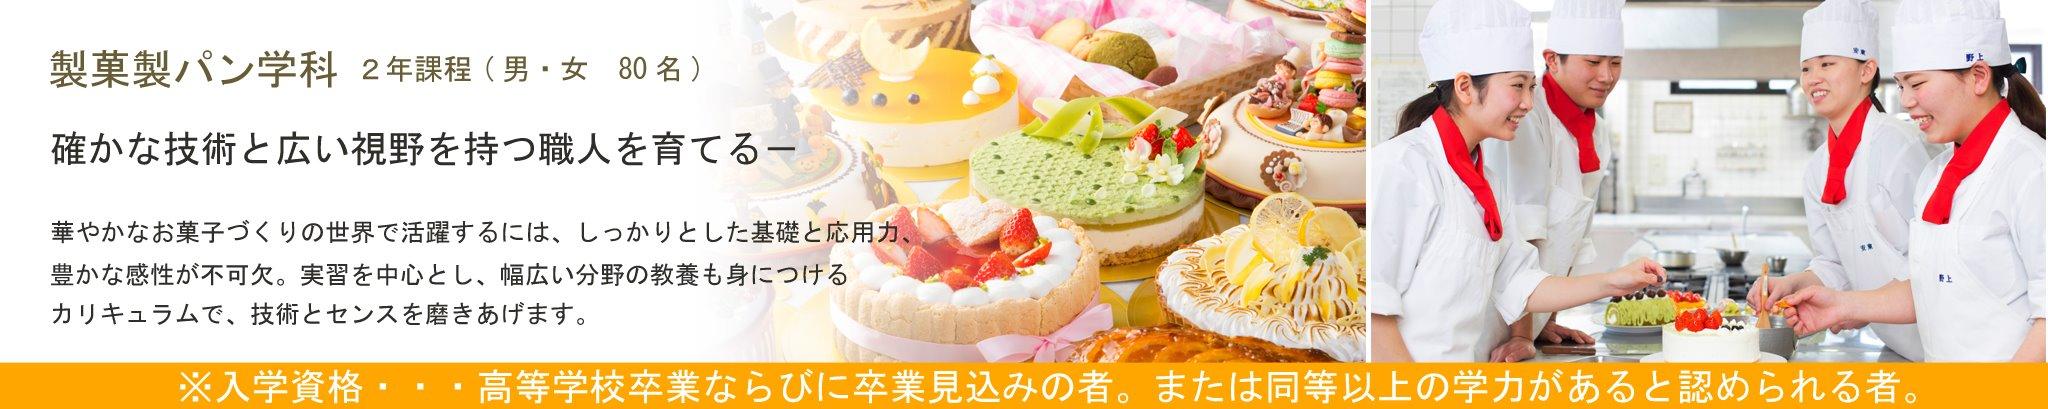 製菓製パン学科